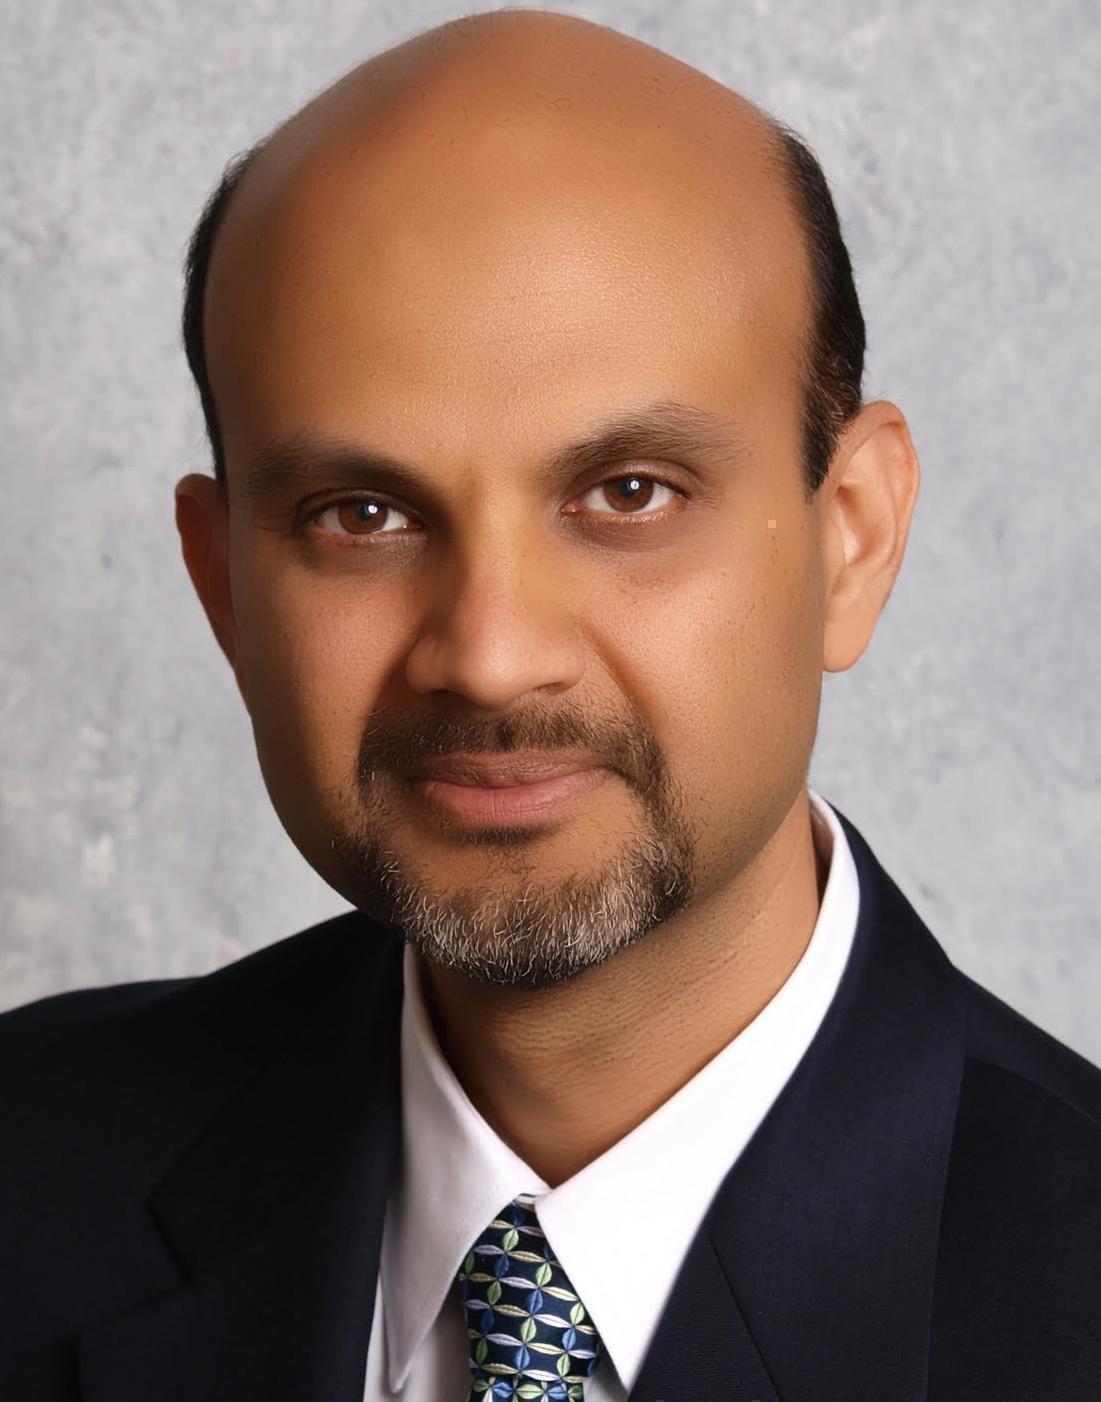 Mohamad S. Ali